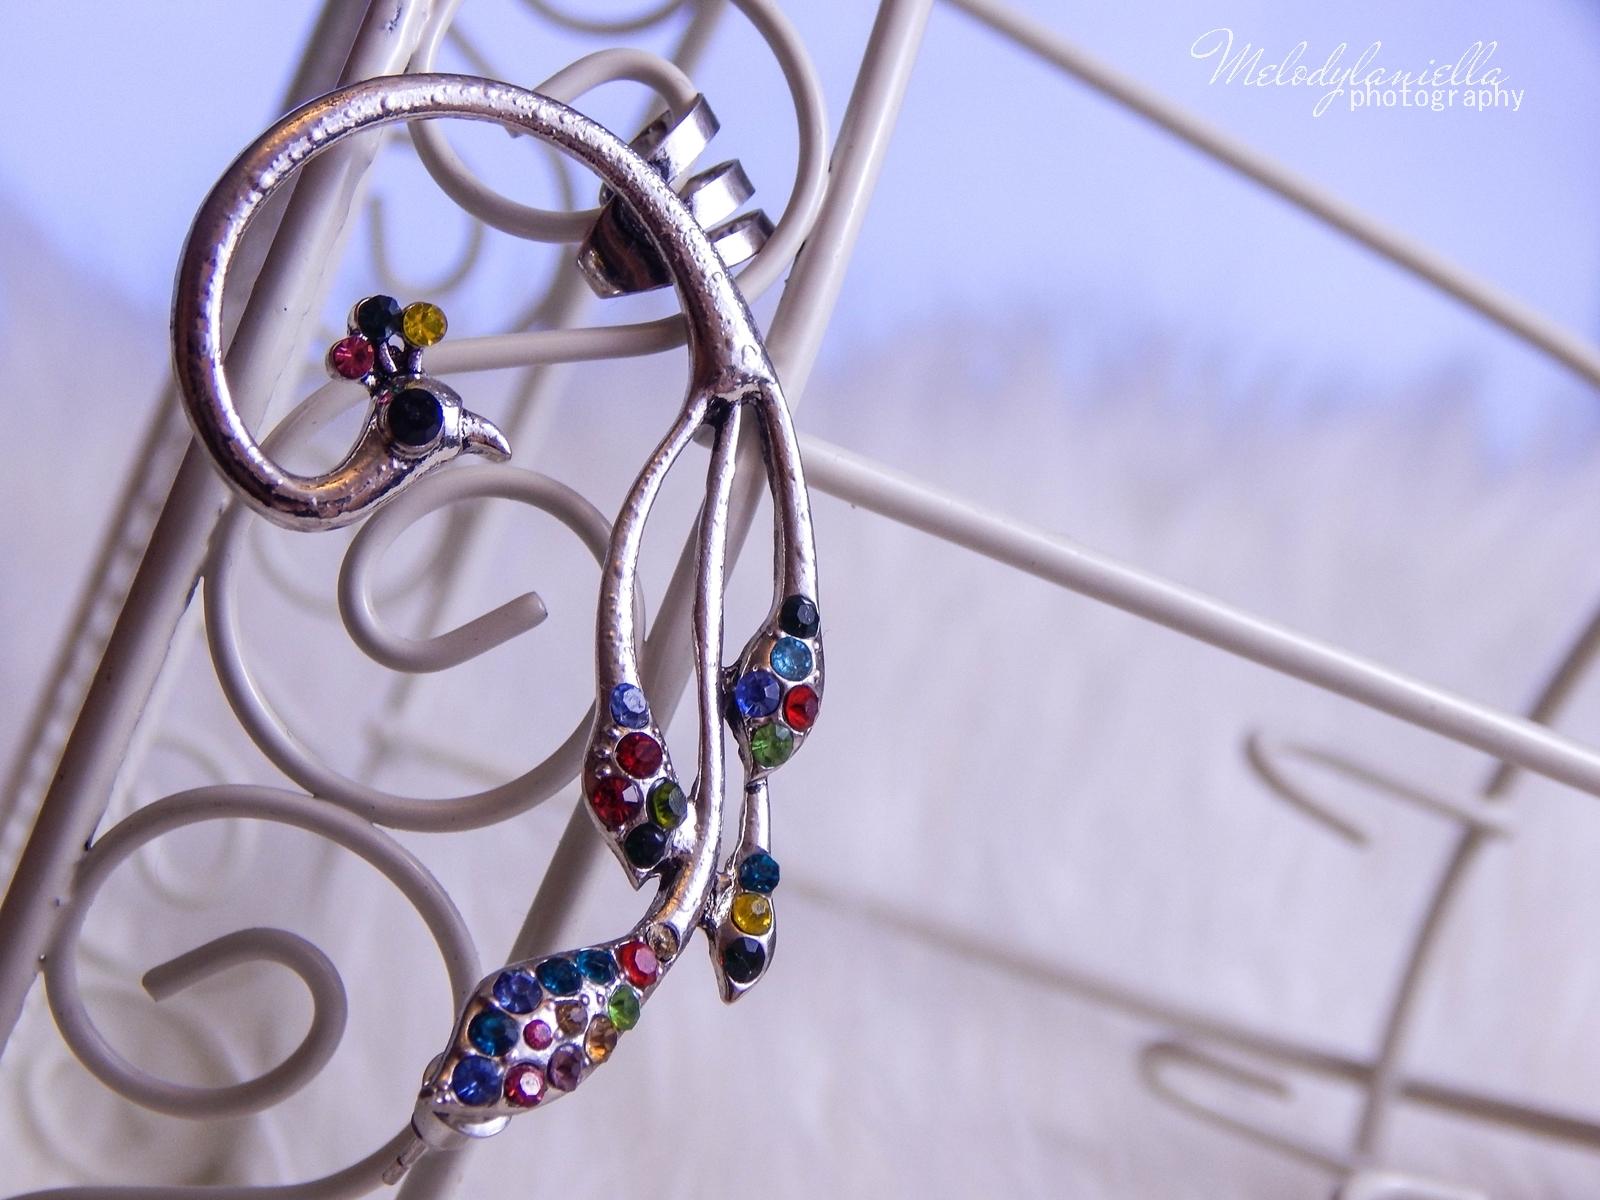 2 Biżuteria z chińskich sklepów sammydress kolczyk nausznica naszyjnik wisiorki z kryształkiem świąteczna biżuteria ciekawe dodatki stylowe zegarki pióra choker chokery złoty srebrny złoto srebro obelisk